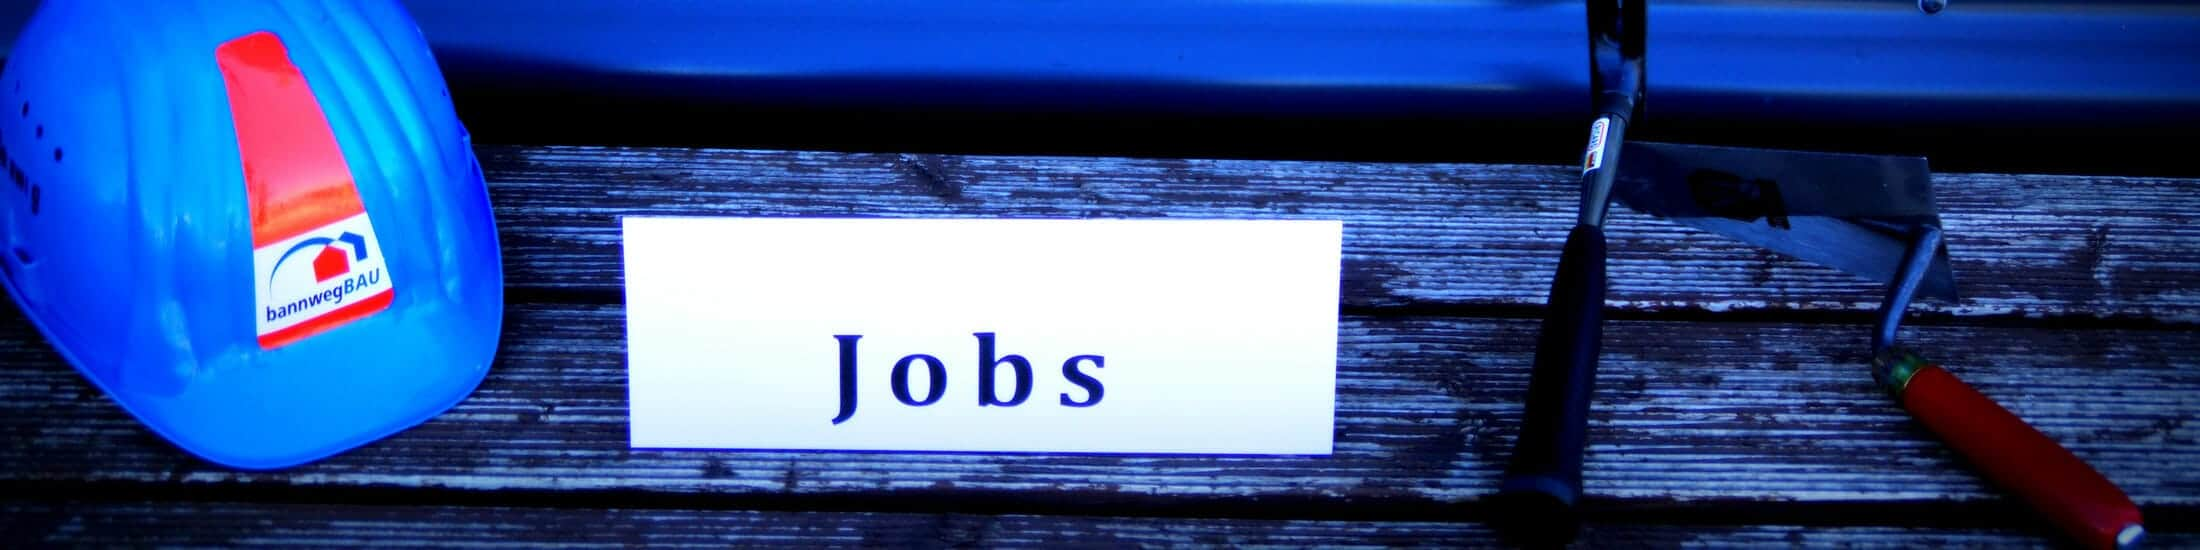 Jobs im Bauunternehmen BannwegBAU Saarlouis